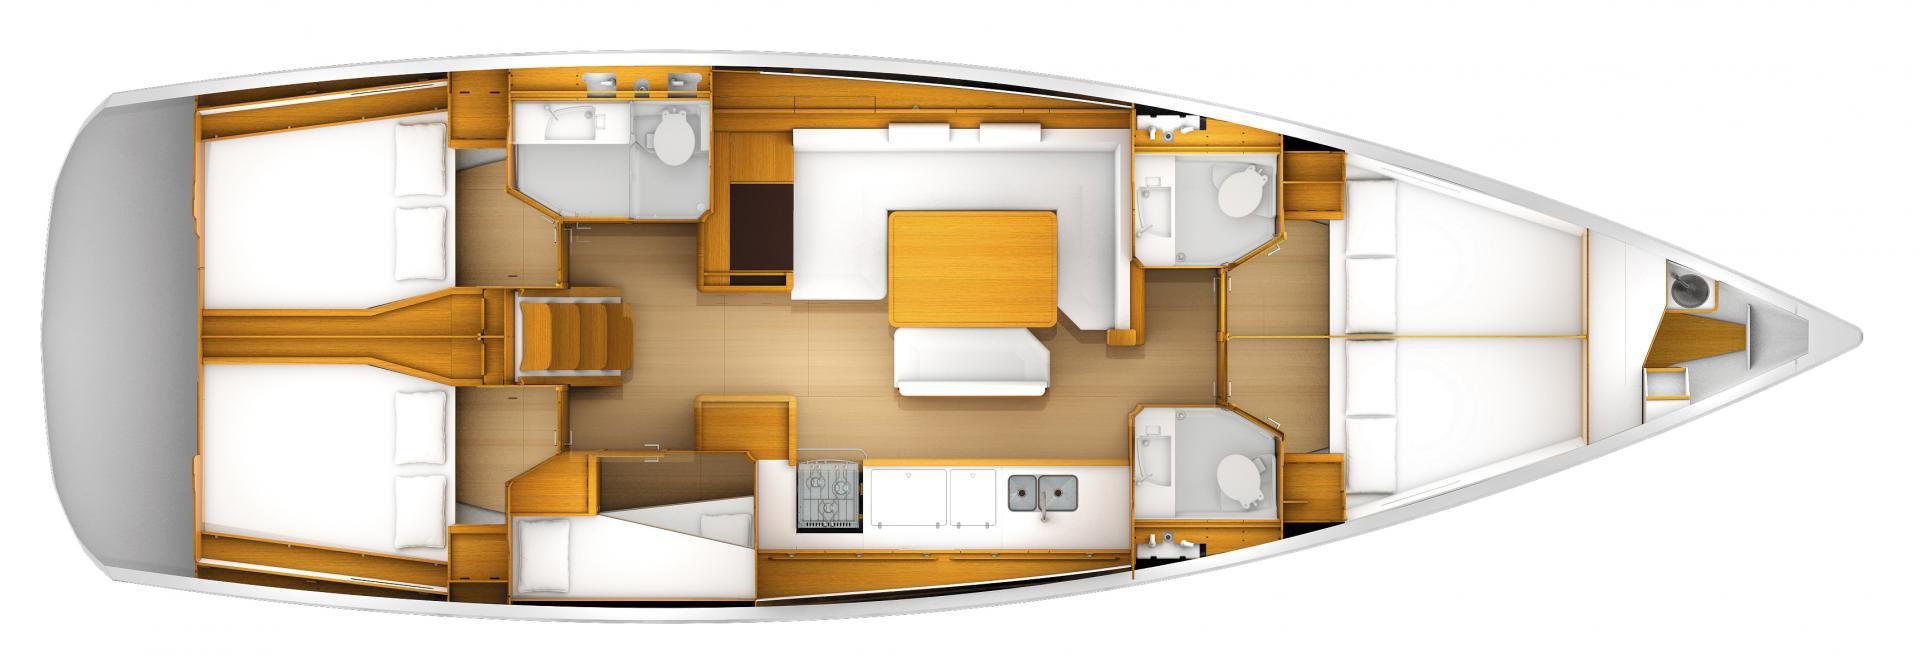 barco plans